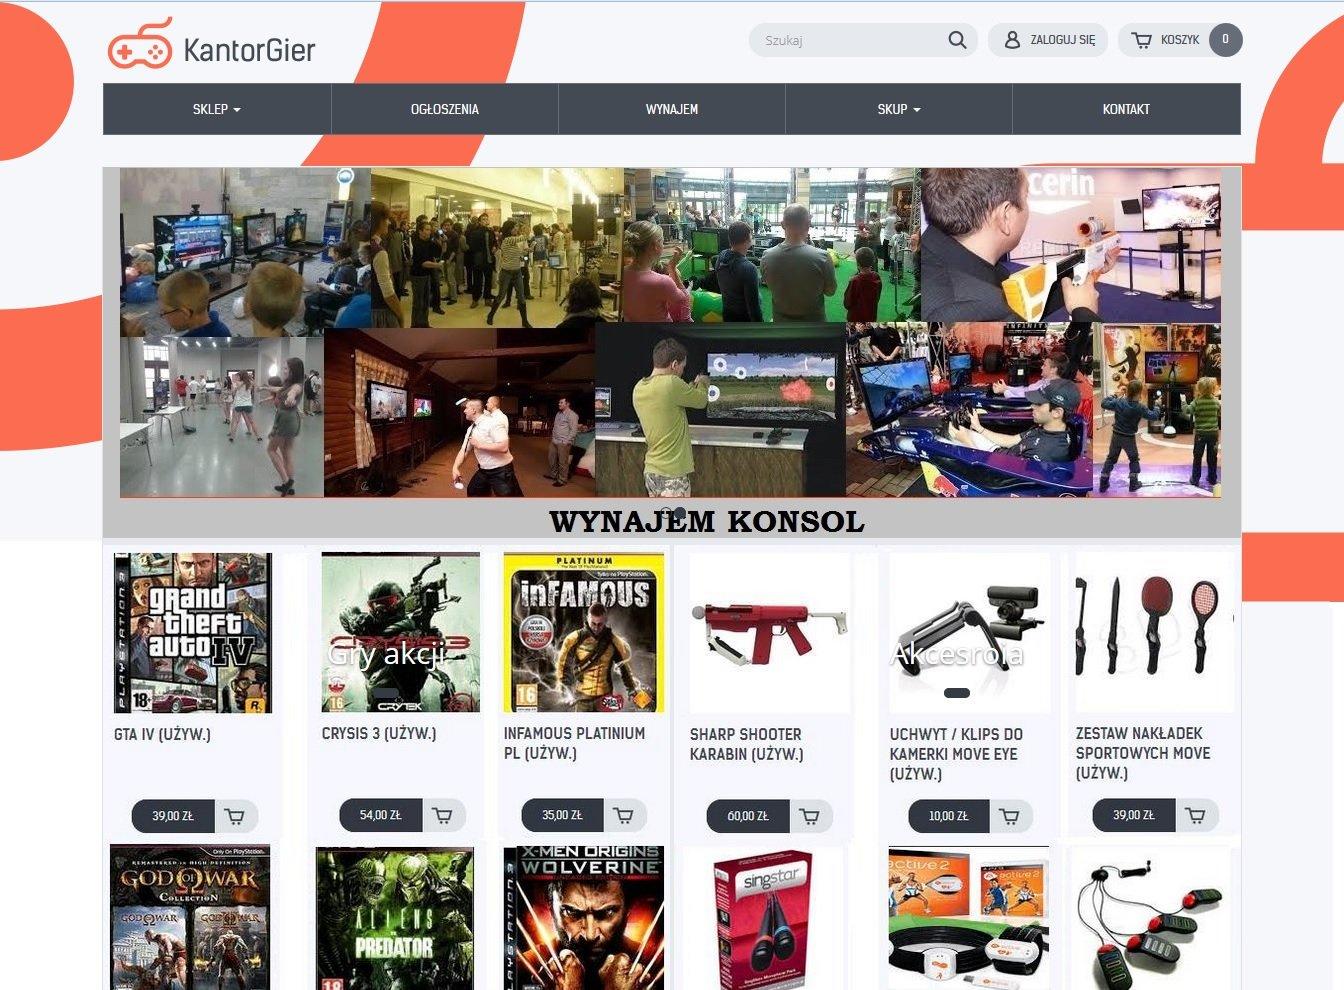 Konsole/Gry/Akcesoria/Wynajem www.kantorgier.pl